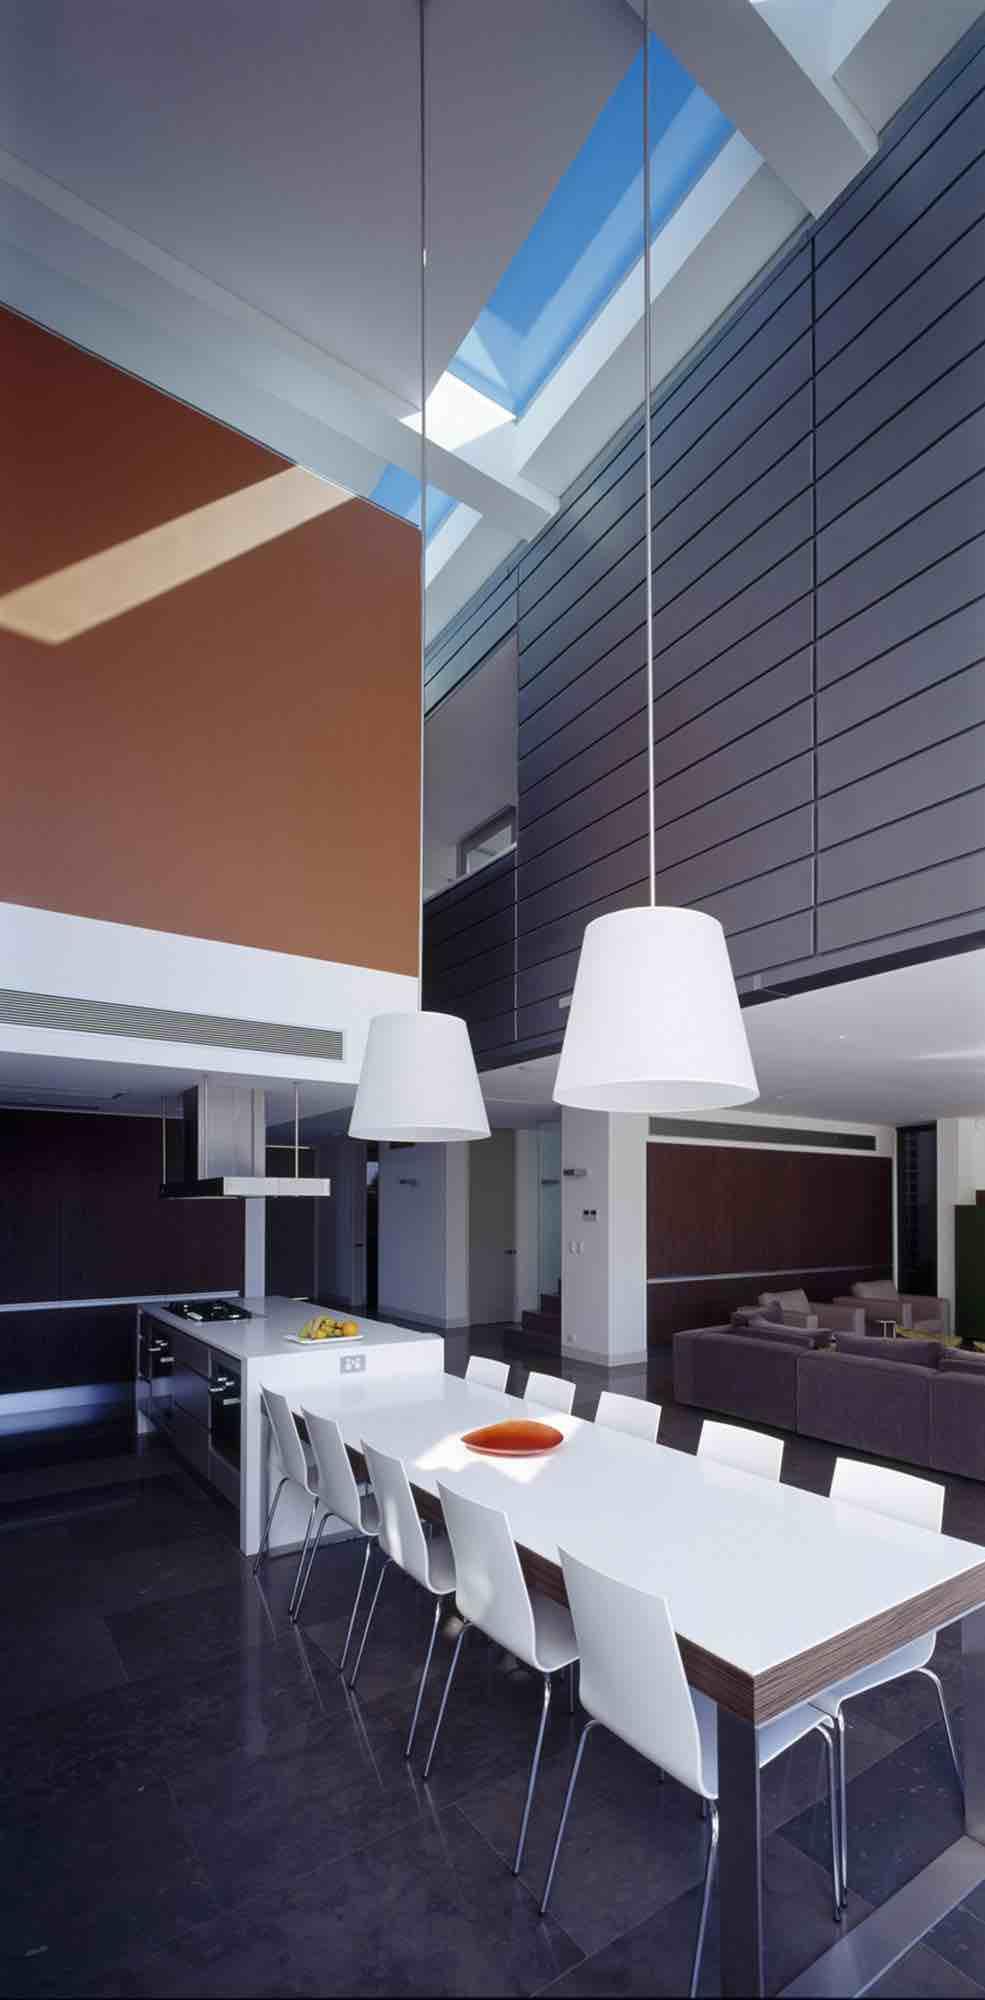 minosa-design-open-plan-high-ceiling-void-large-dinning-table-corian-benchtop-minosa-kitchen-gilda-06